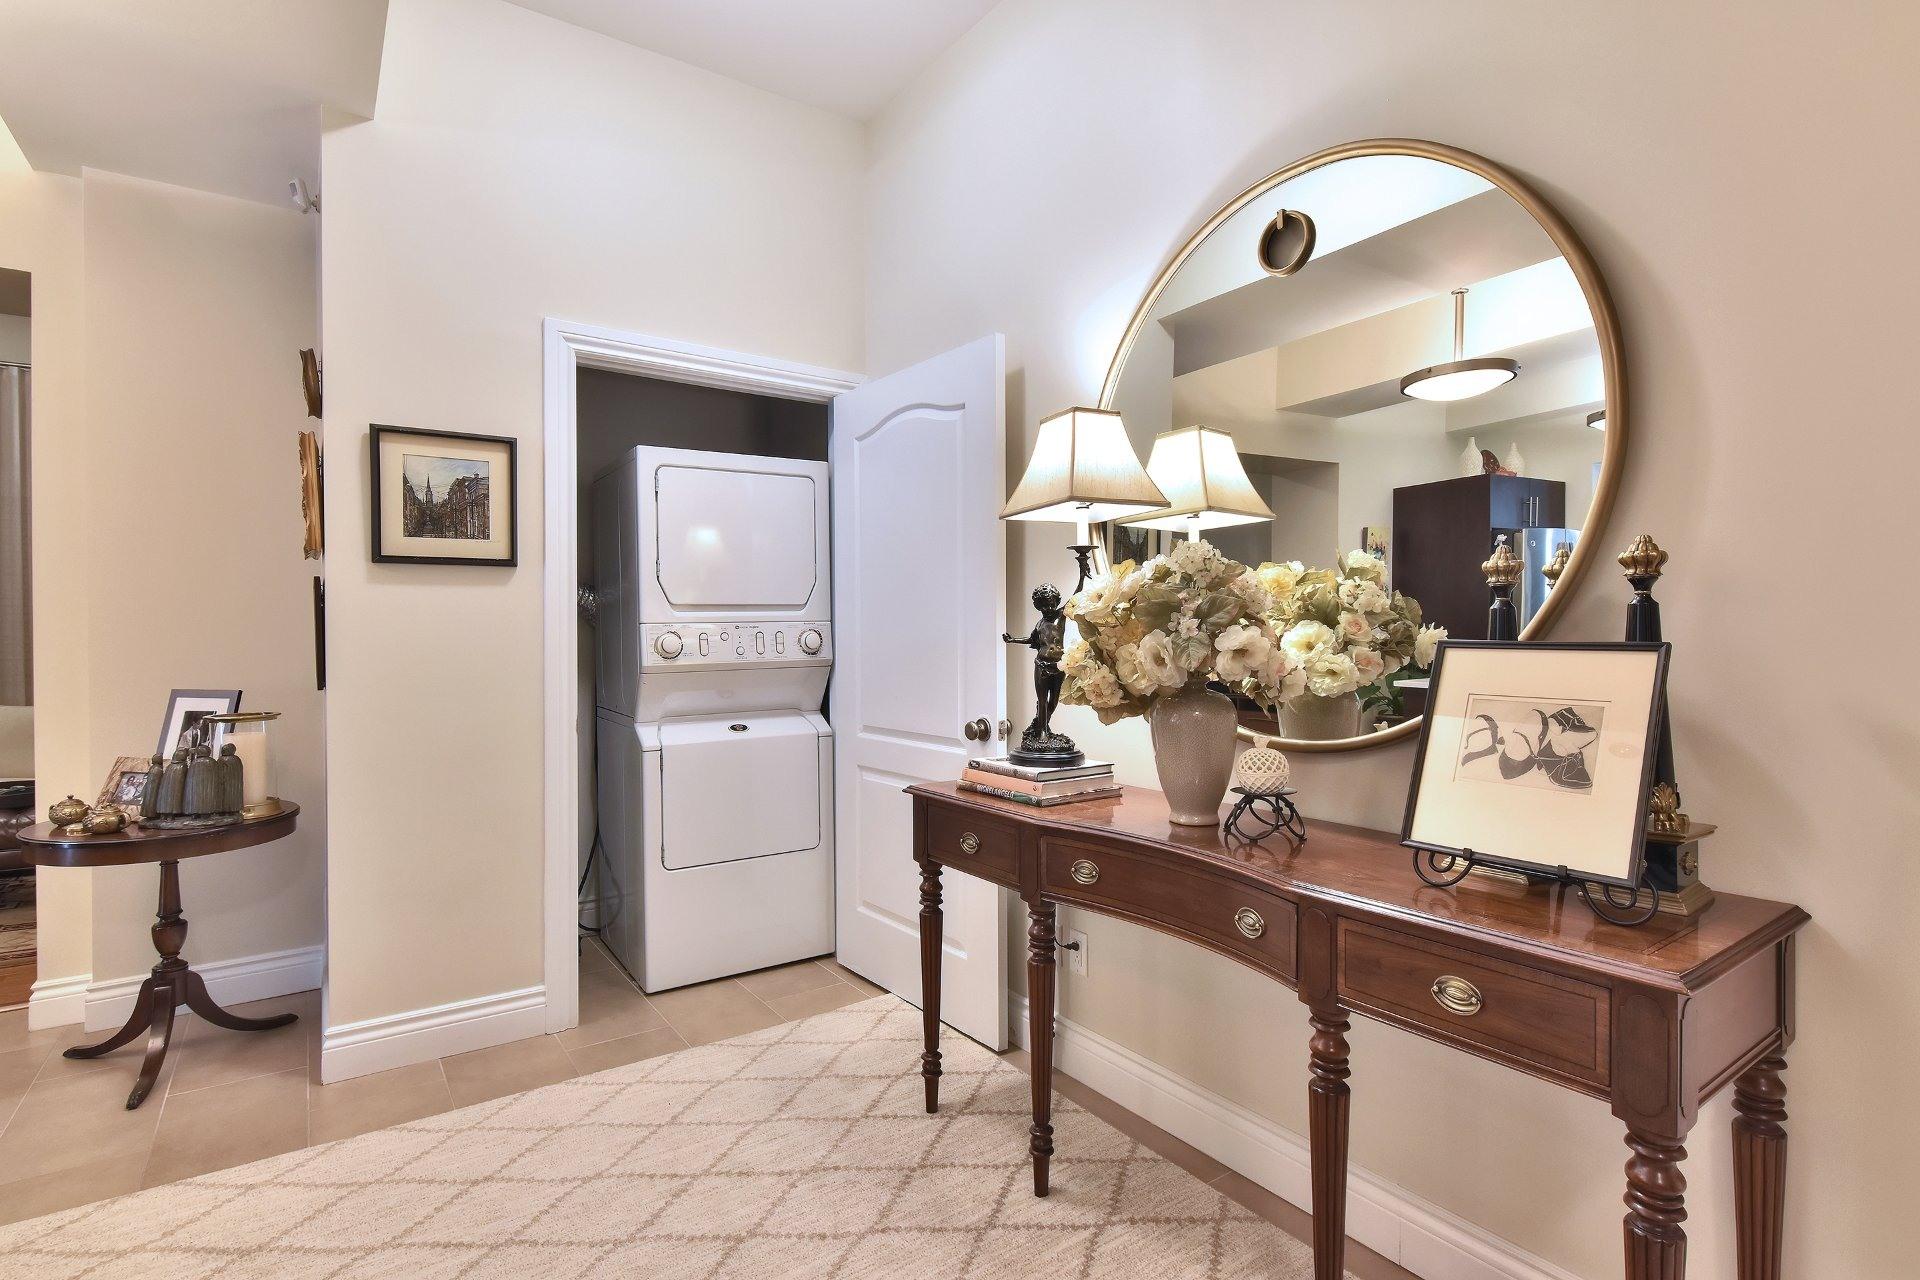 image 2 - Apartment For sale Montréal Côte-des-Neiges/Notre-Dame-de-Grâce  - 5 rooms